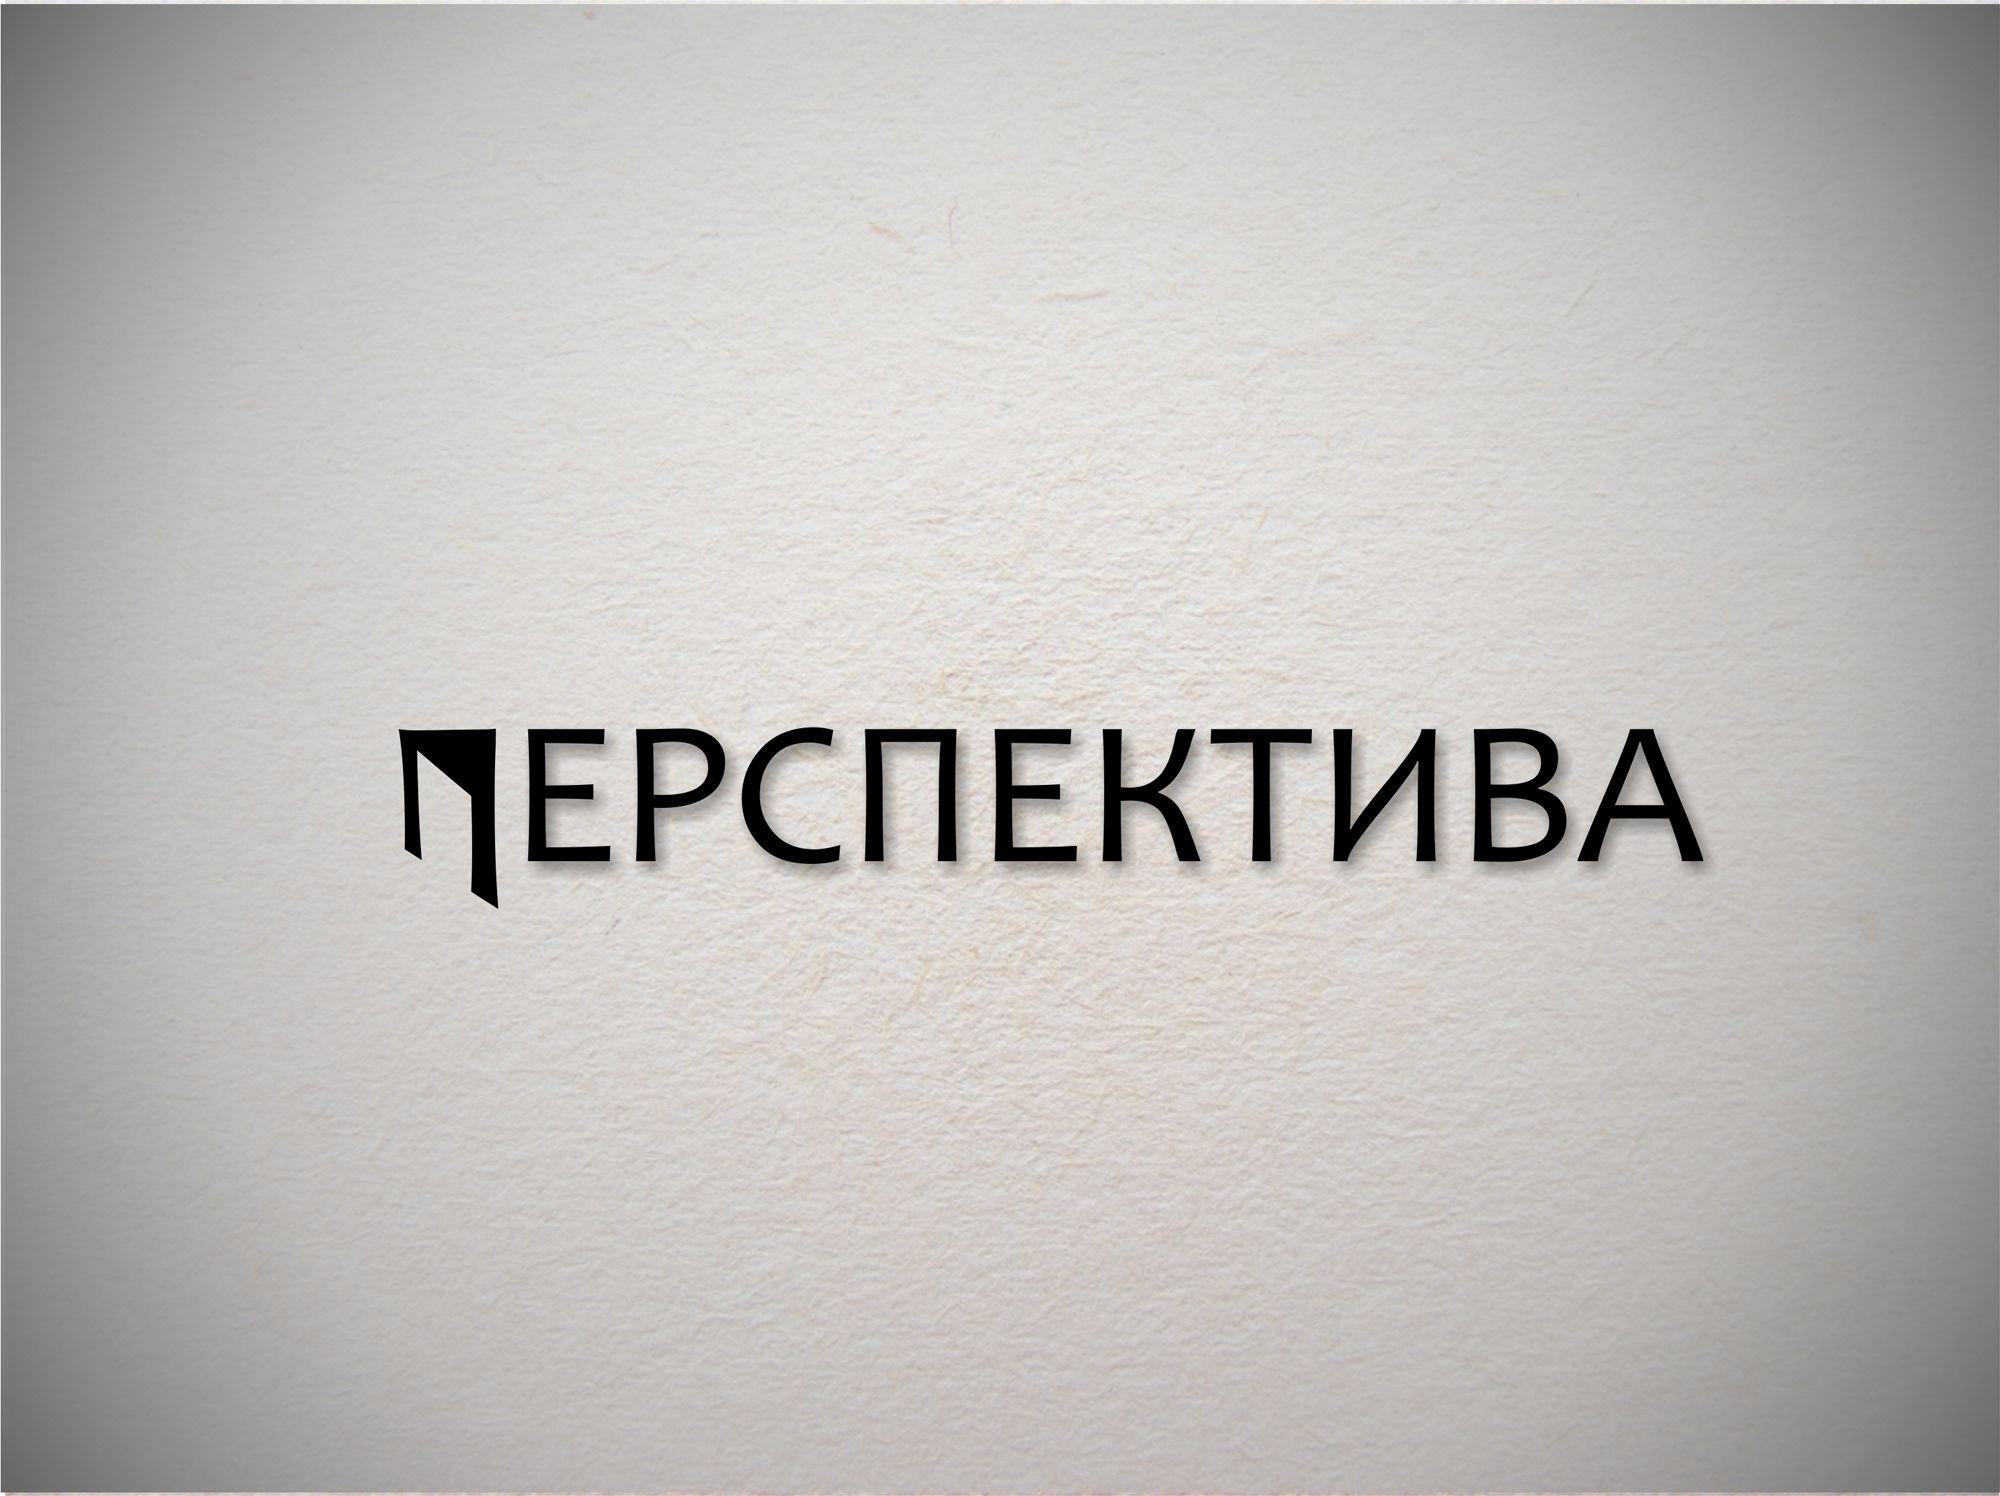 Логотип для компании  - дизайнер LanaNova